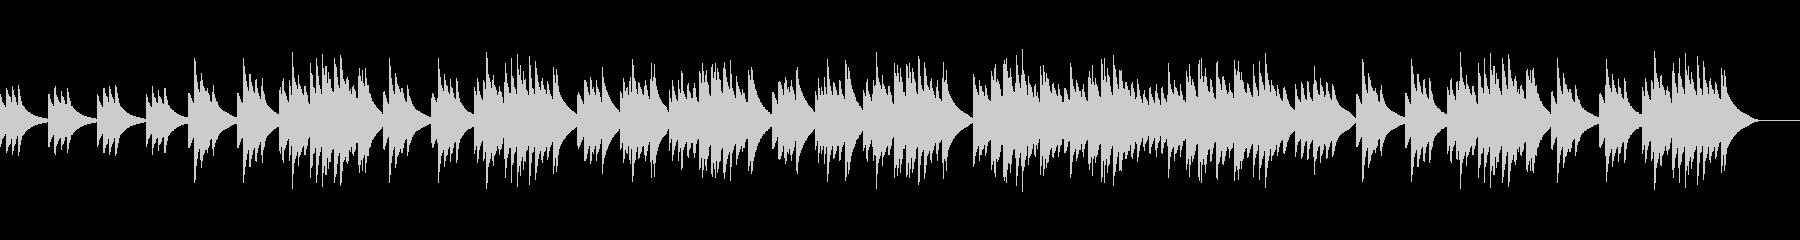 ちょっとせつないオルゴール風の曲の未再生の波形